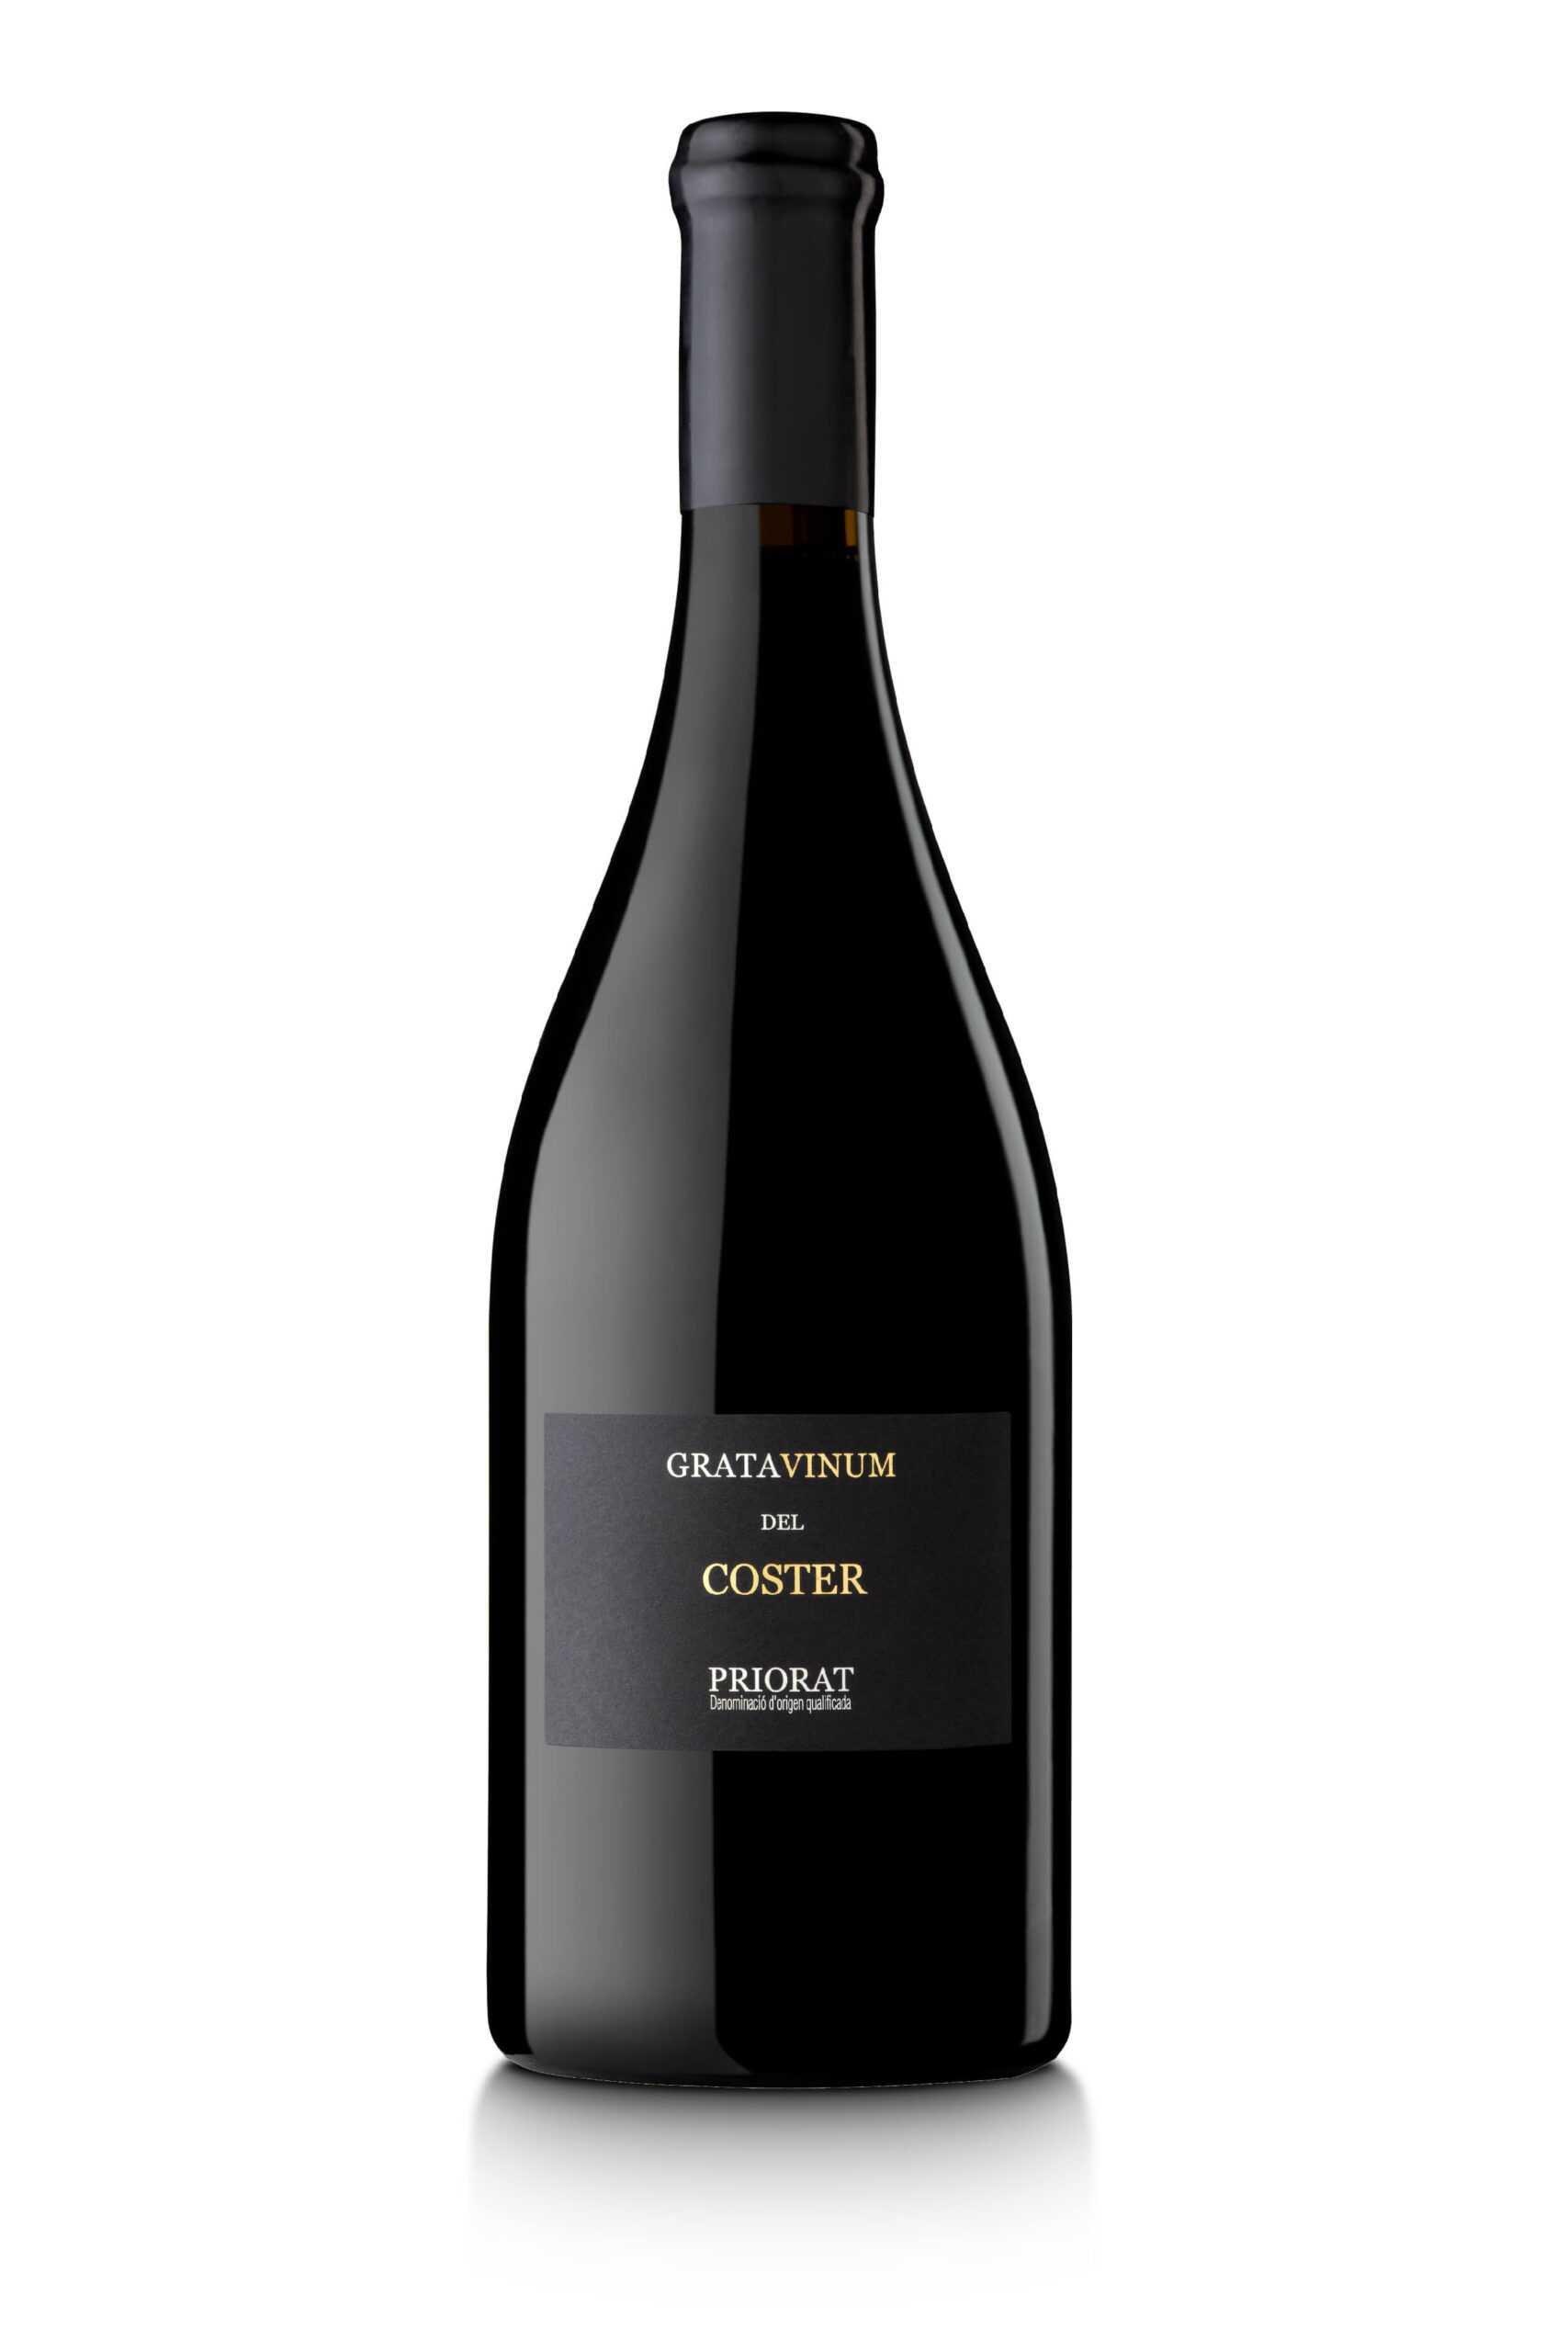 Coster 2015 vino coster gratavinum priorat scaled